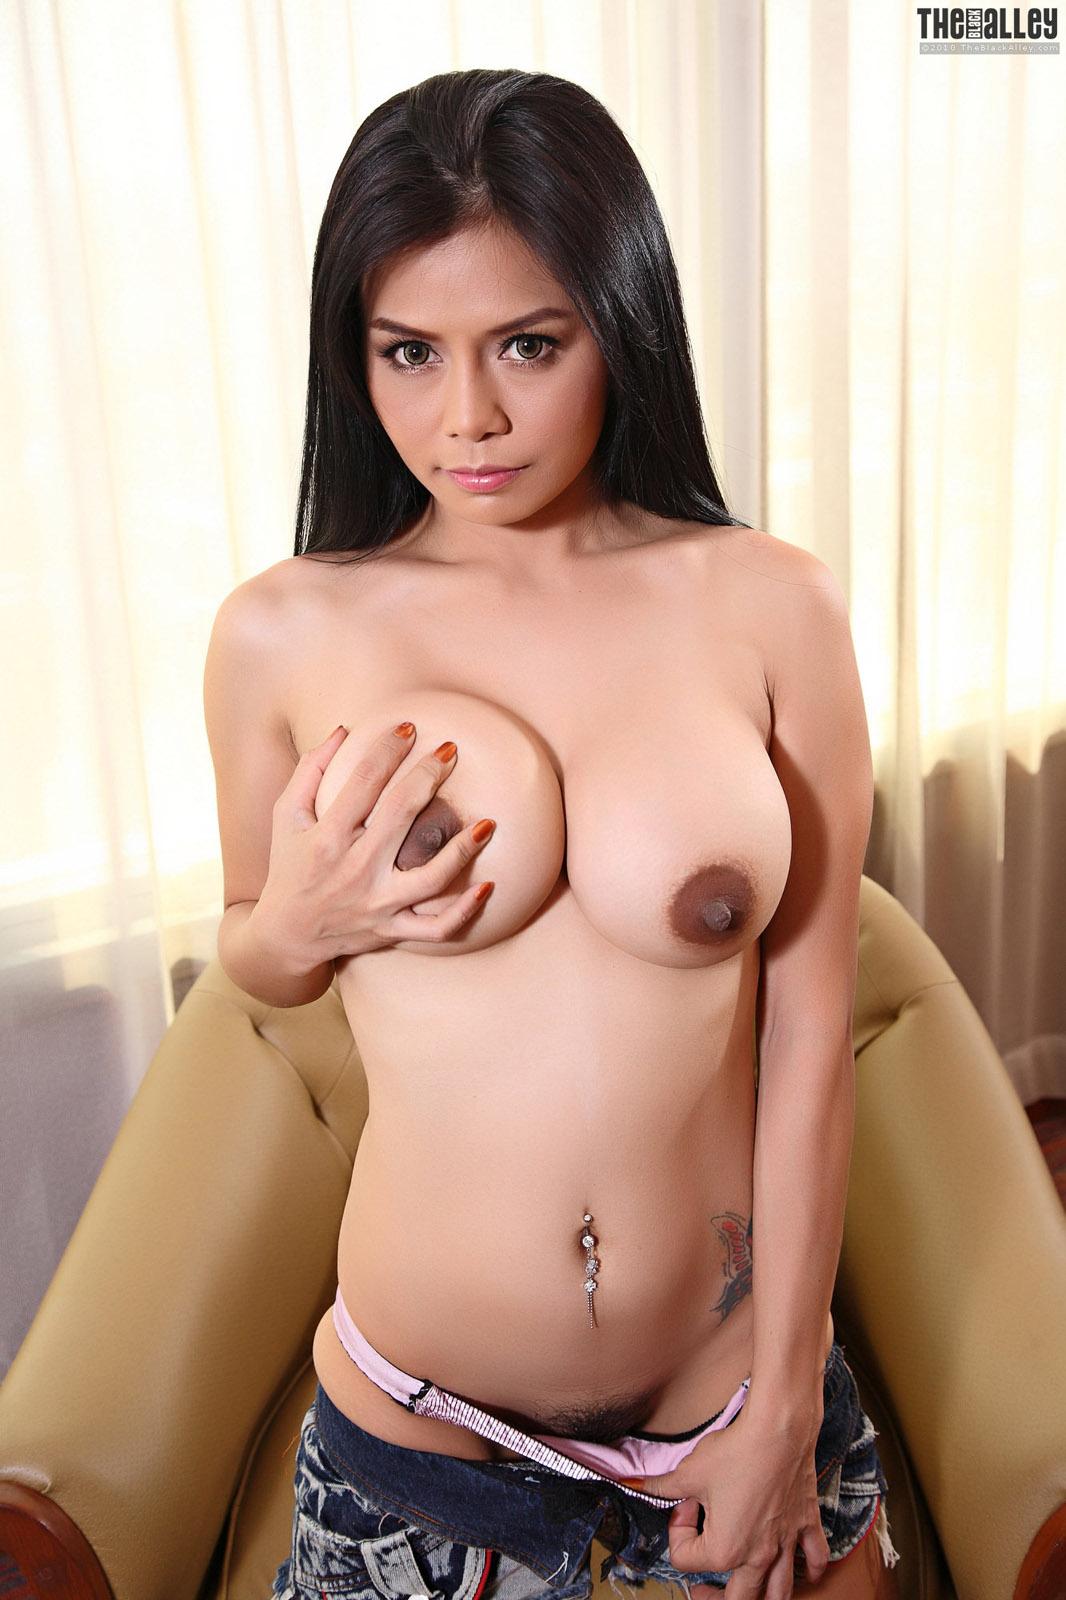 striptease tampere porno thai girls